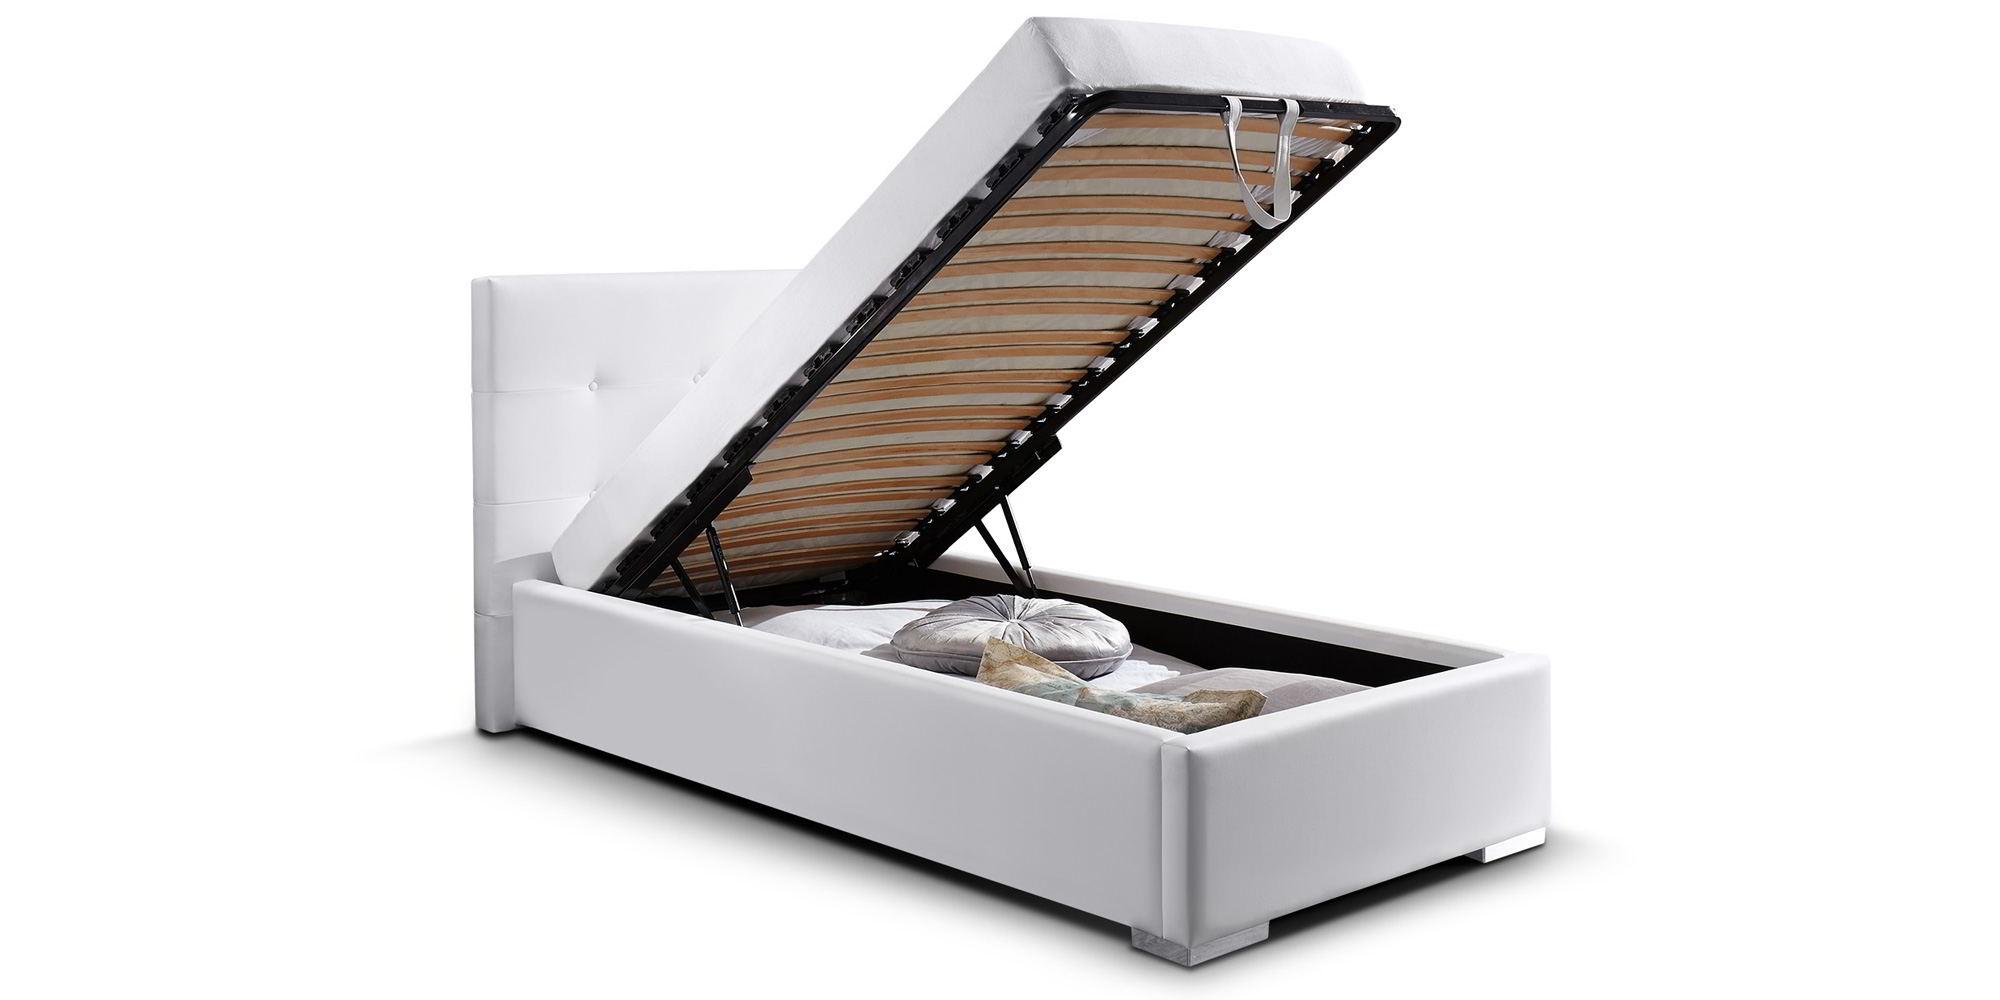 Full Size of Bett Mit Unterbett 90x200 Günstig Hohem Kopfteil Betten 200x220 Lattenrost Und Matratze Aufbewahrung Holz Mitarbeitergespräche Führen Himmel Bettwäsche Bett Bett Mit Unterbett